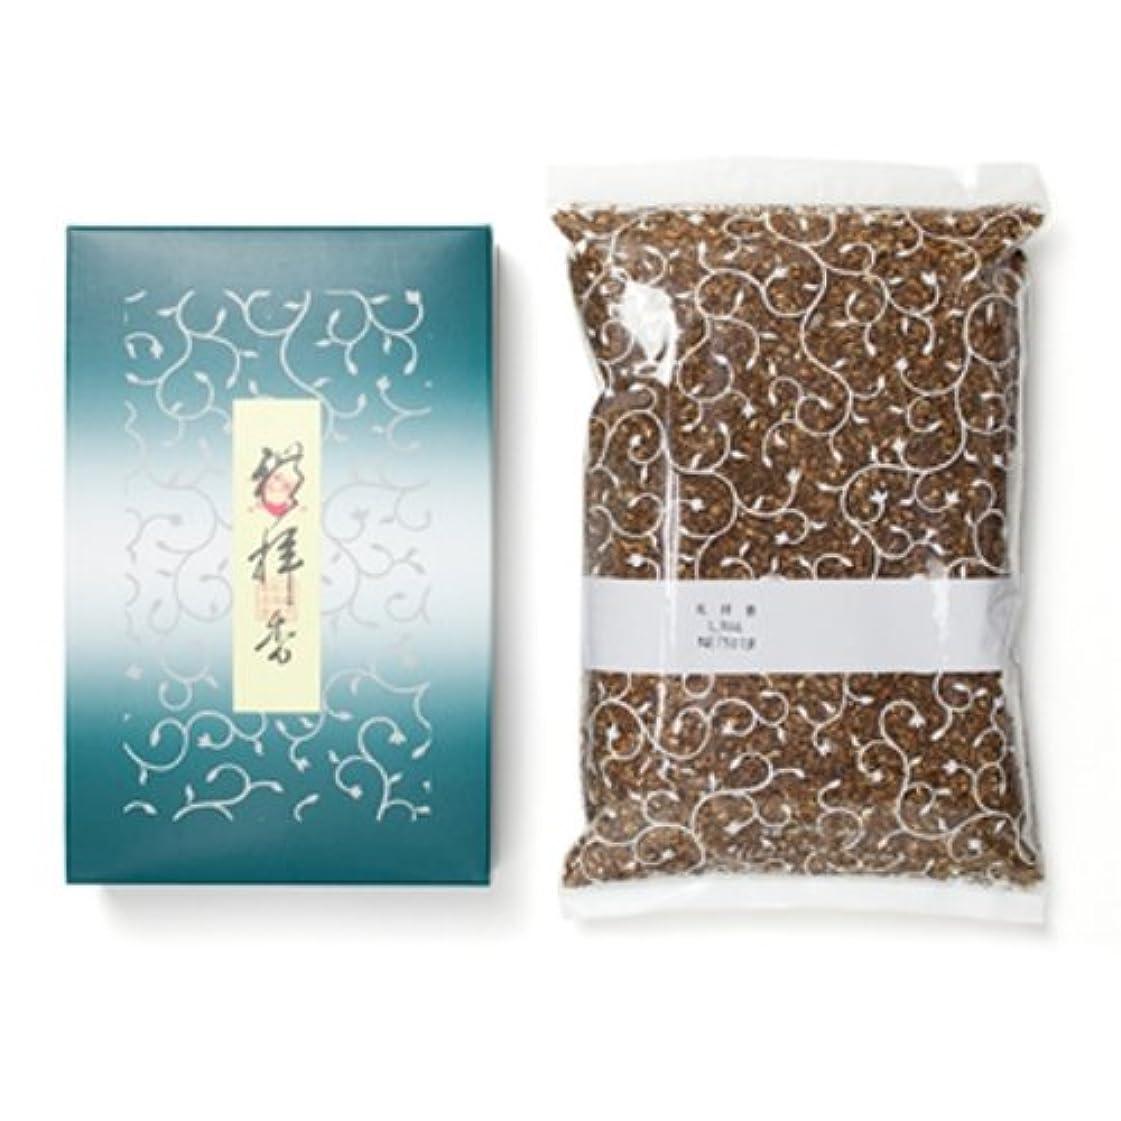 納得させるミネラル構築する松栄堂のお焼香 礼拝香 500g詰 紙箱入 #410511